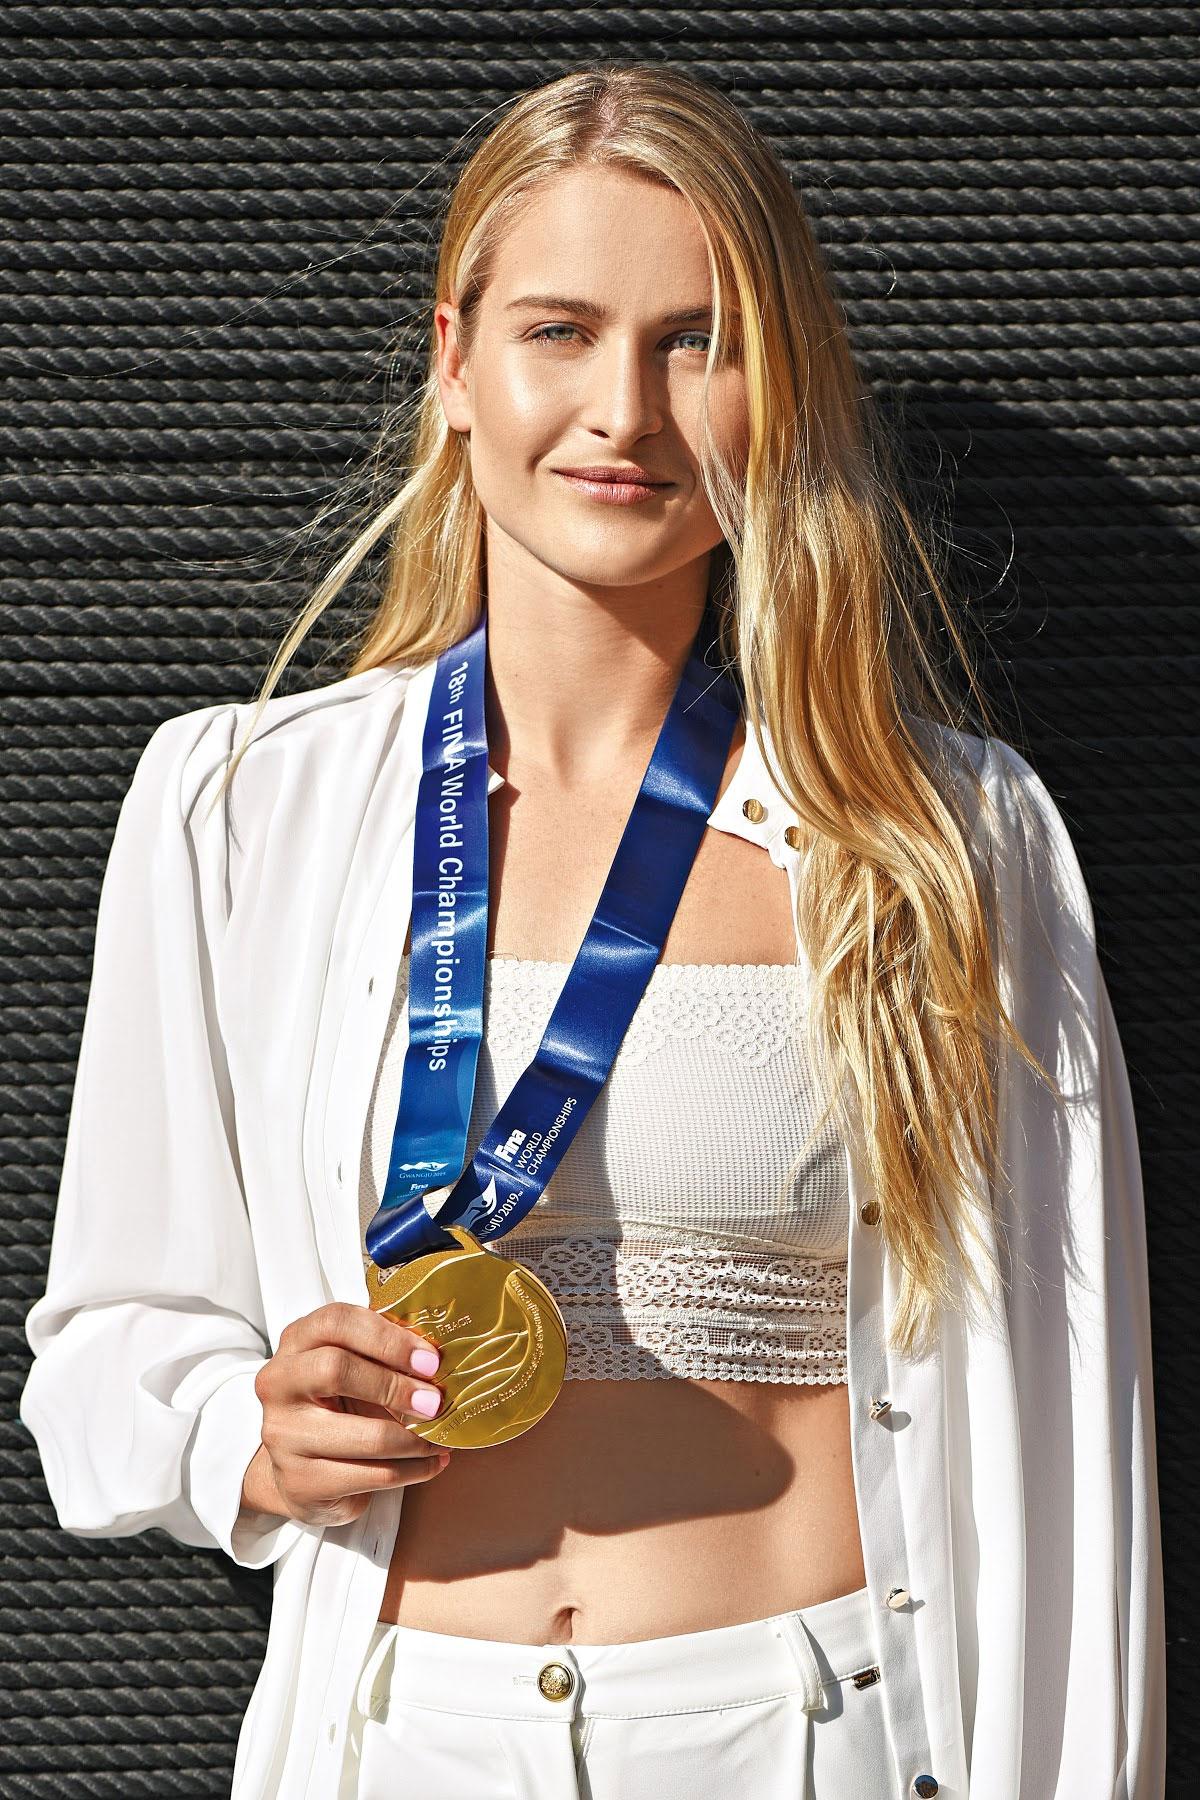 Stephanie Haralabidis